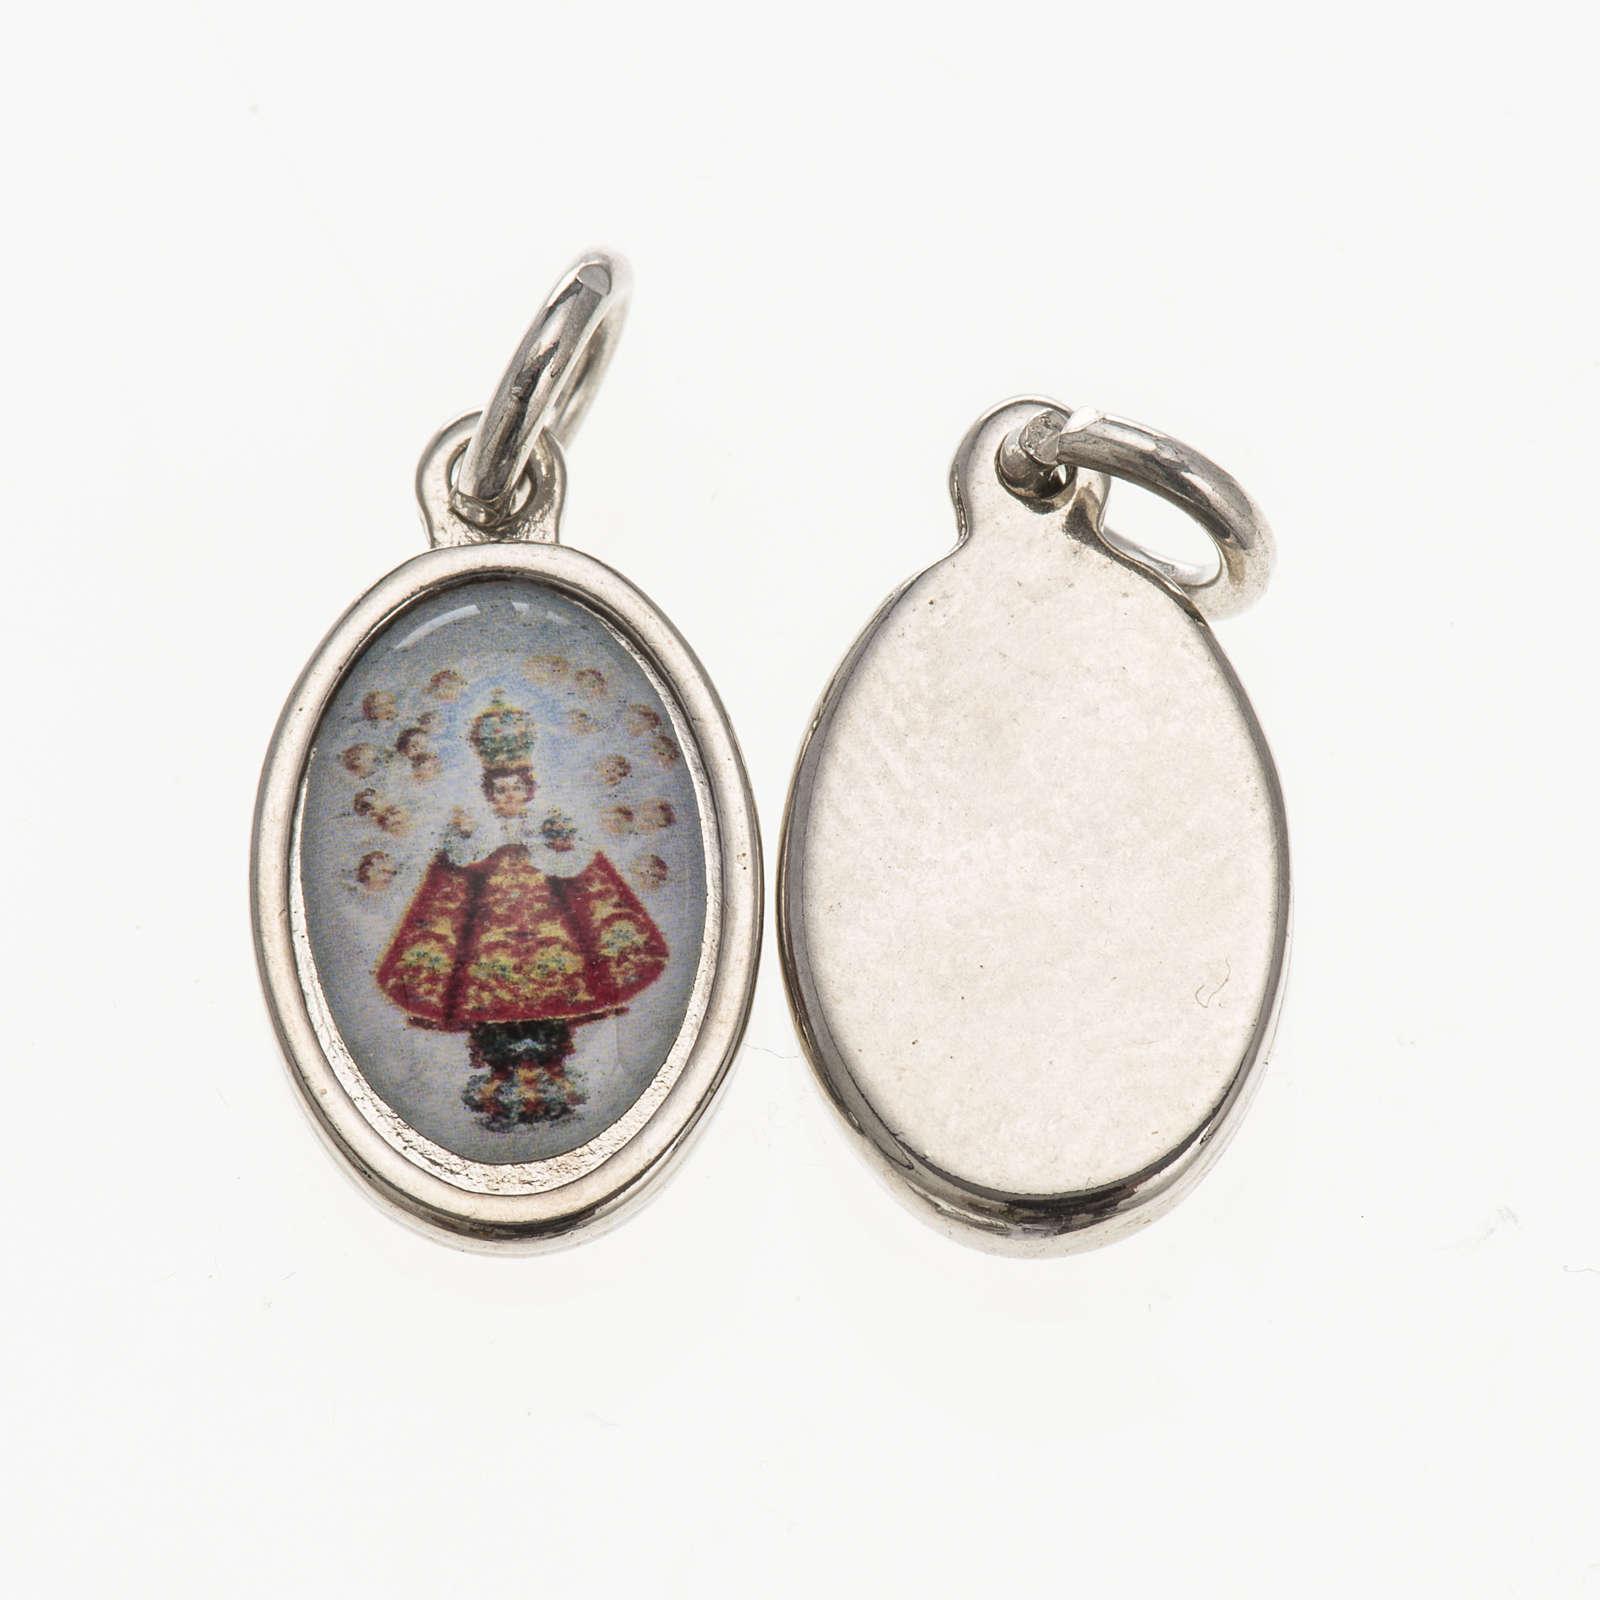 Medalla Niño Jesús de Praga metal plateado resina 4